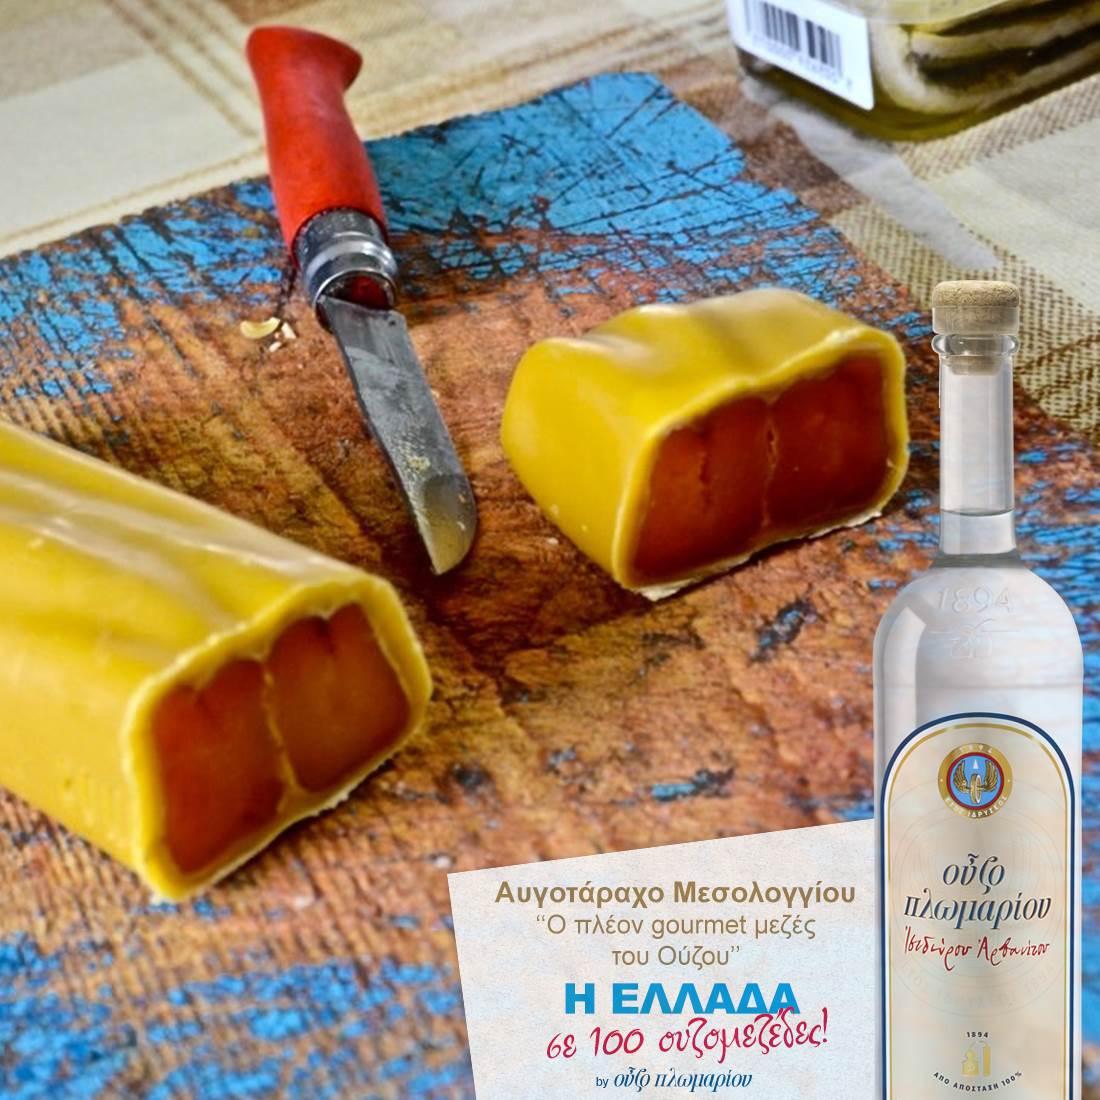 Αυγοτάραχο Μεσολογγίου - Ουζομεζέδες - Greek Gastronomy Guide